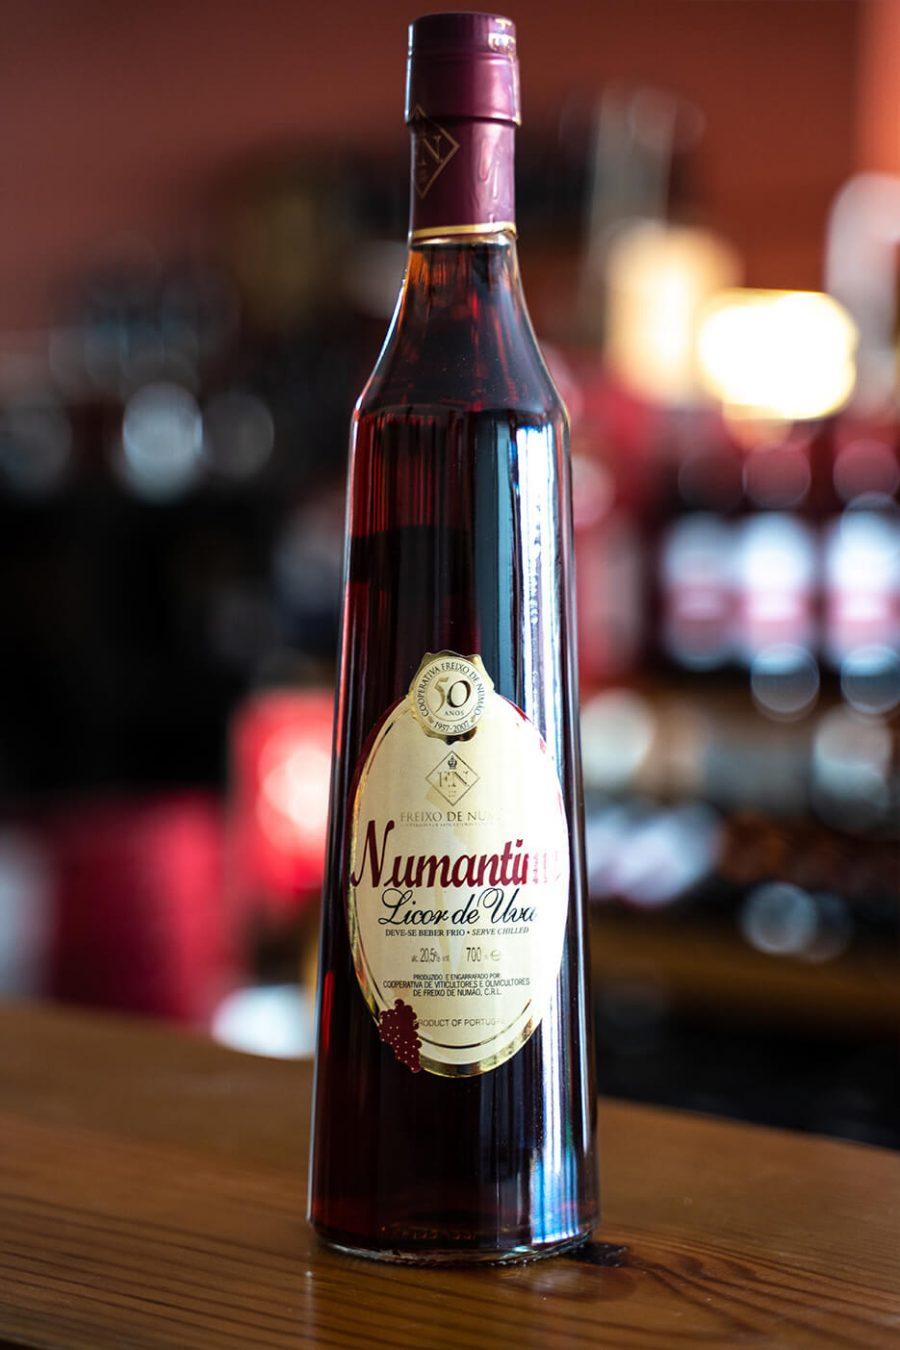 Numantinu - Licor de Uva